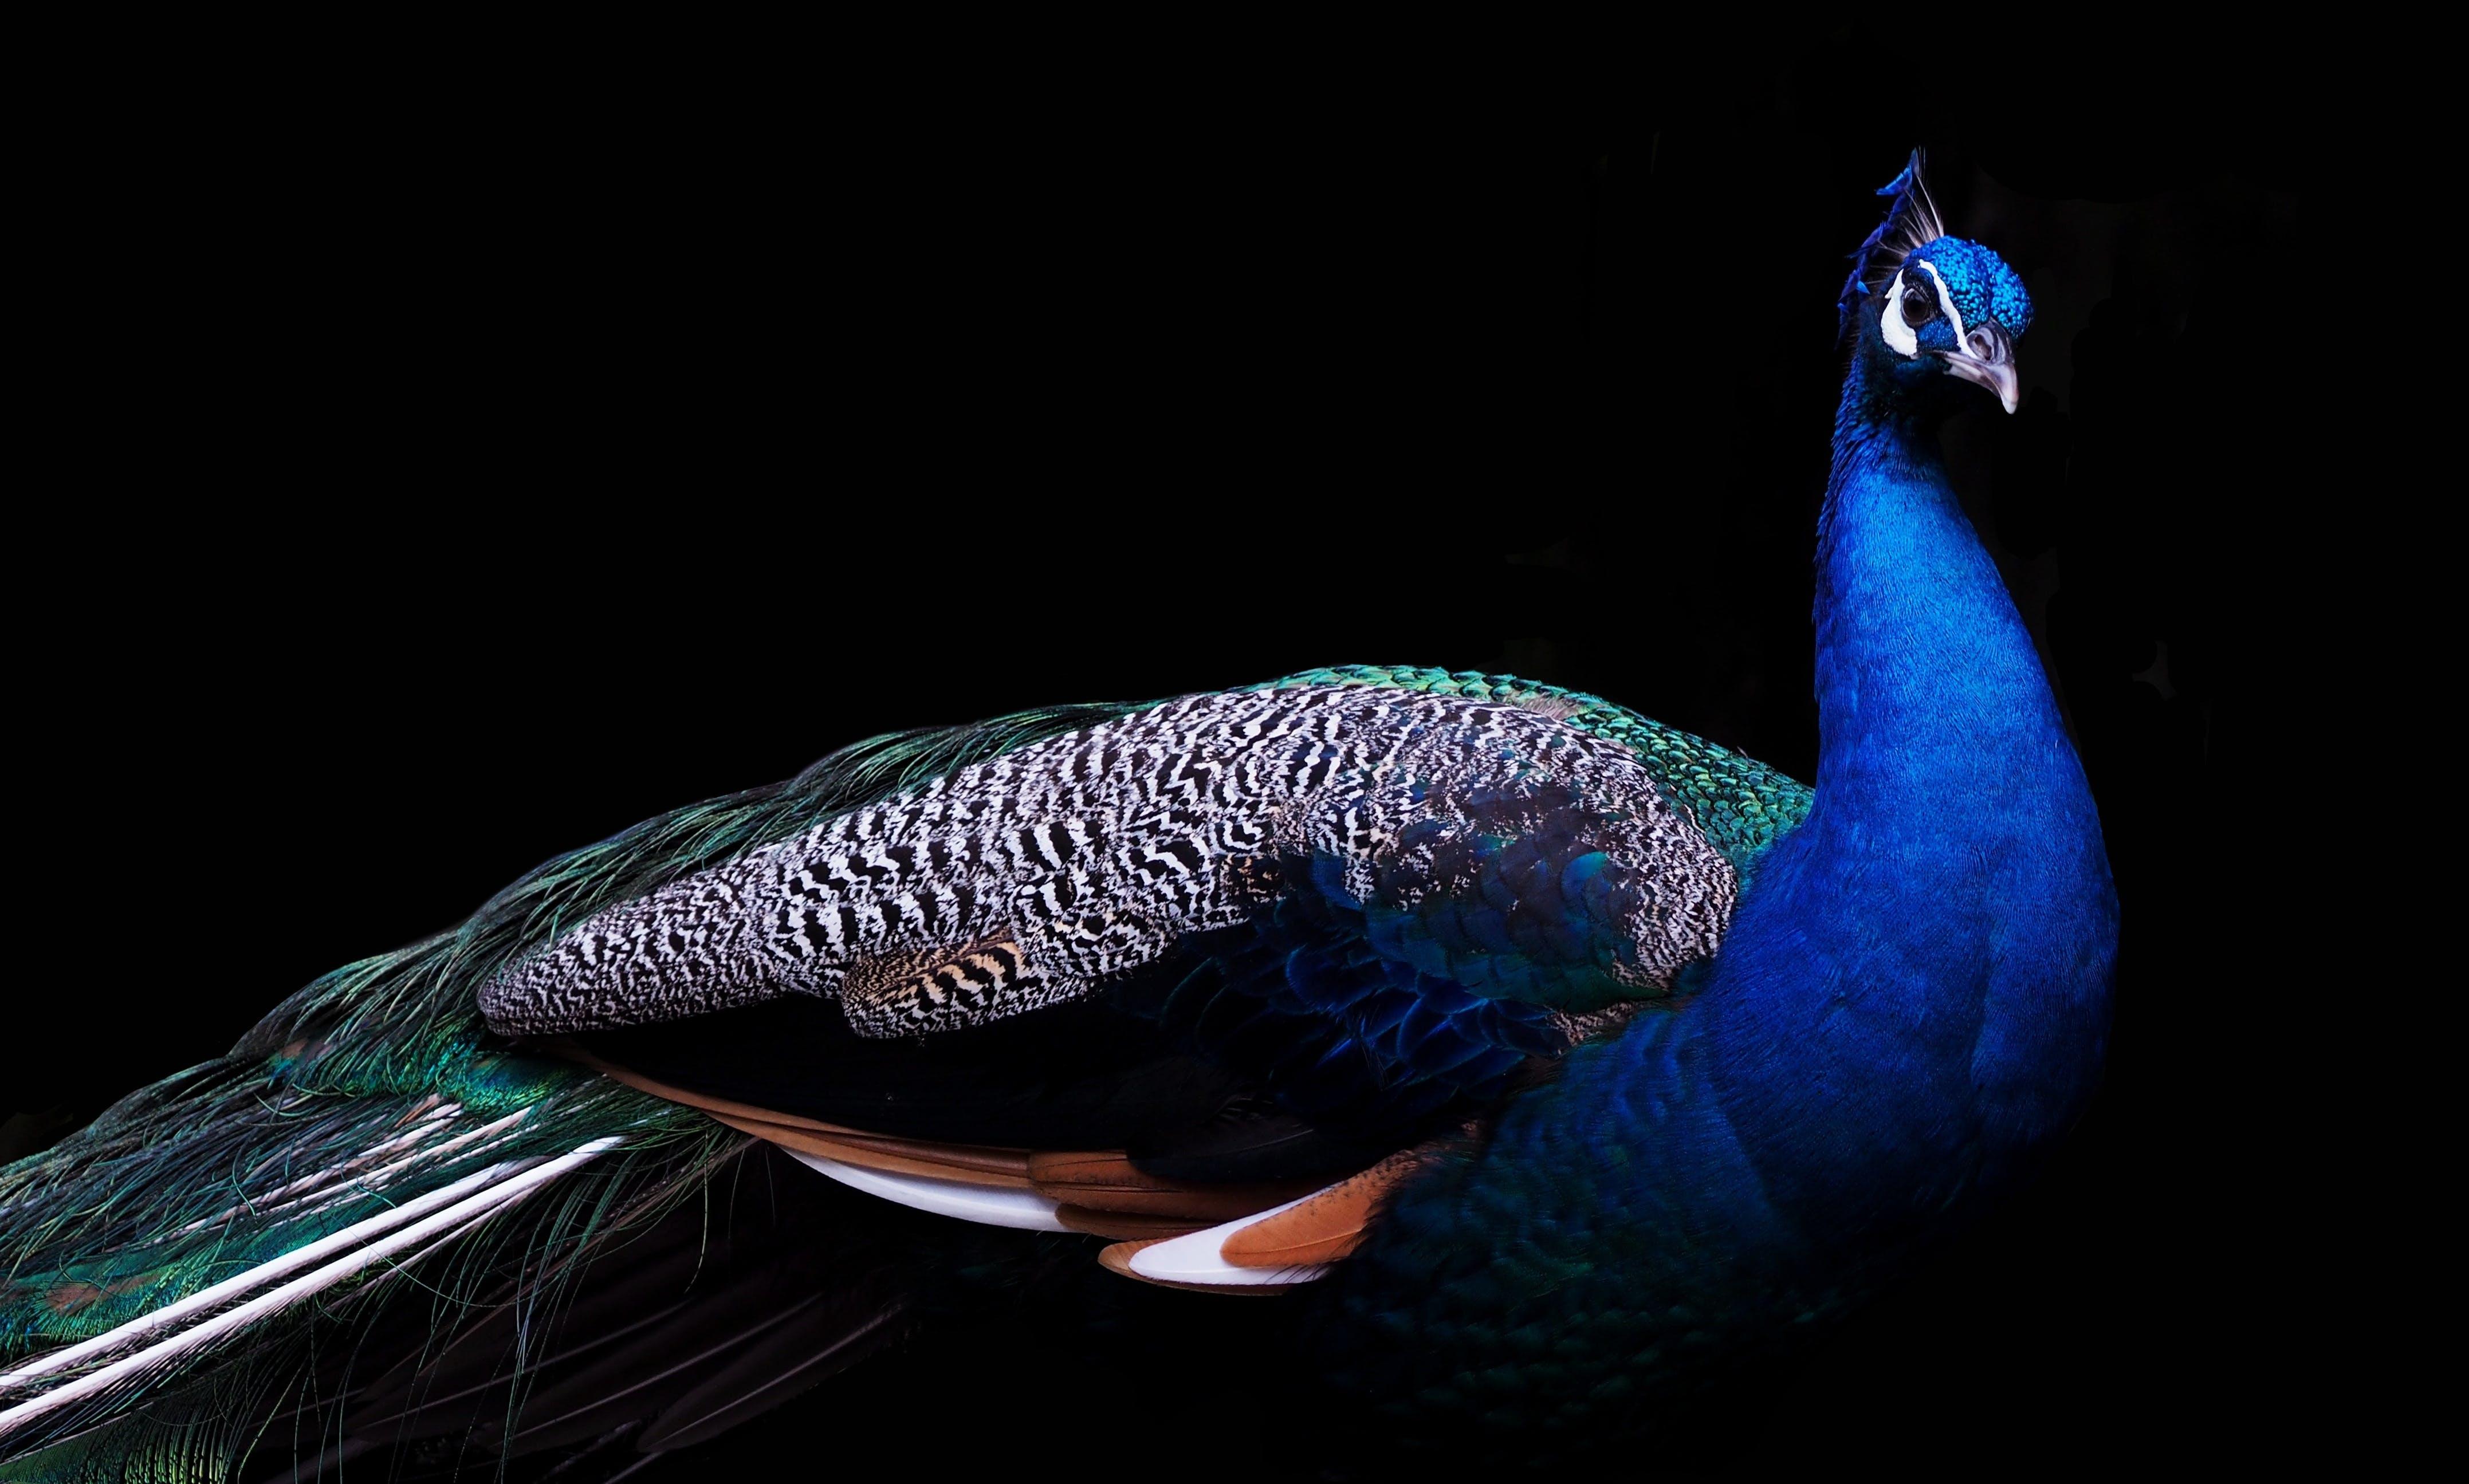 Gratis stockfoto met beest, dieren in het wild, exotisch, kleurrijk